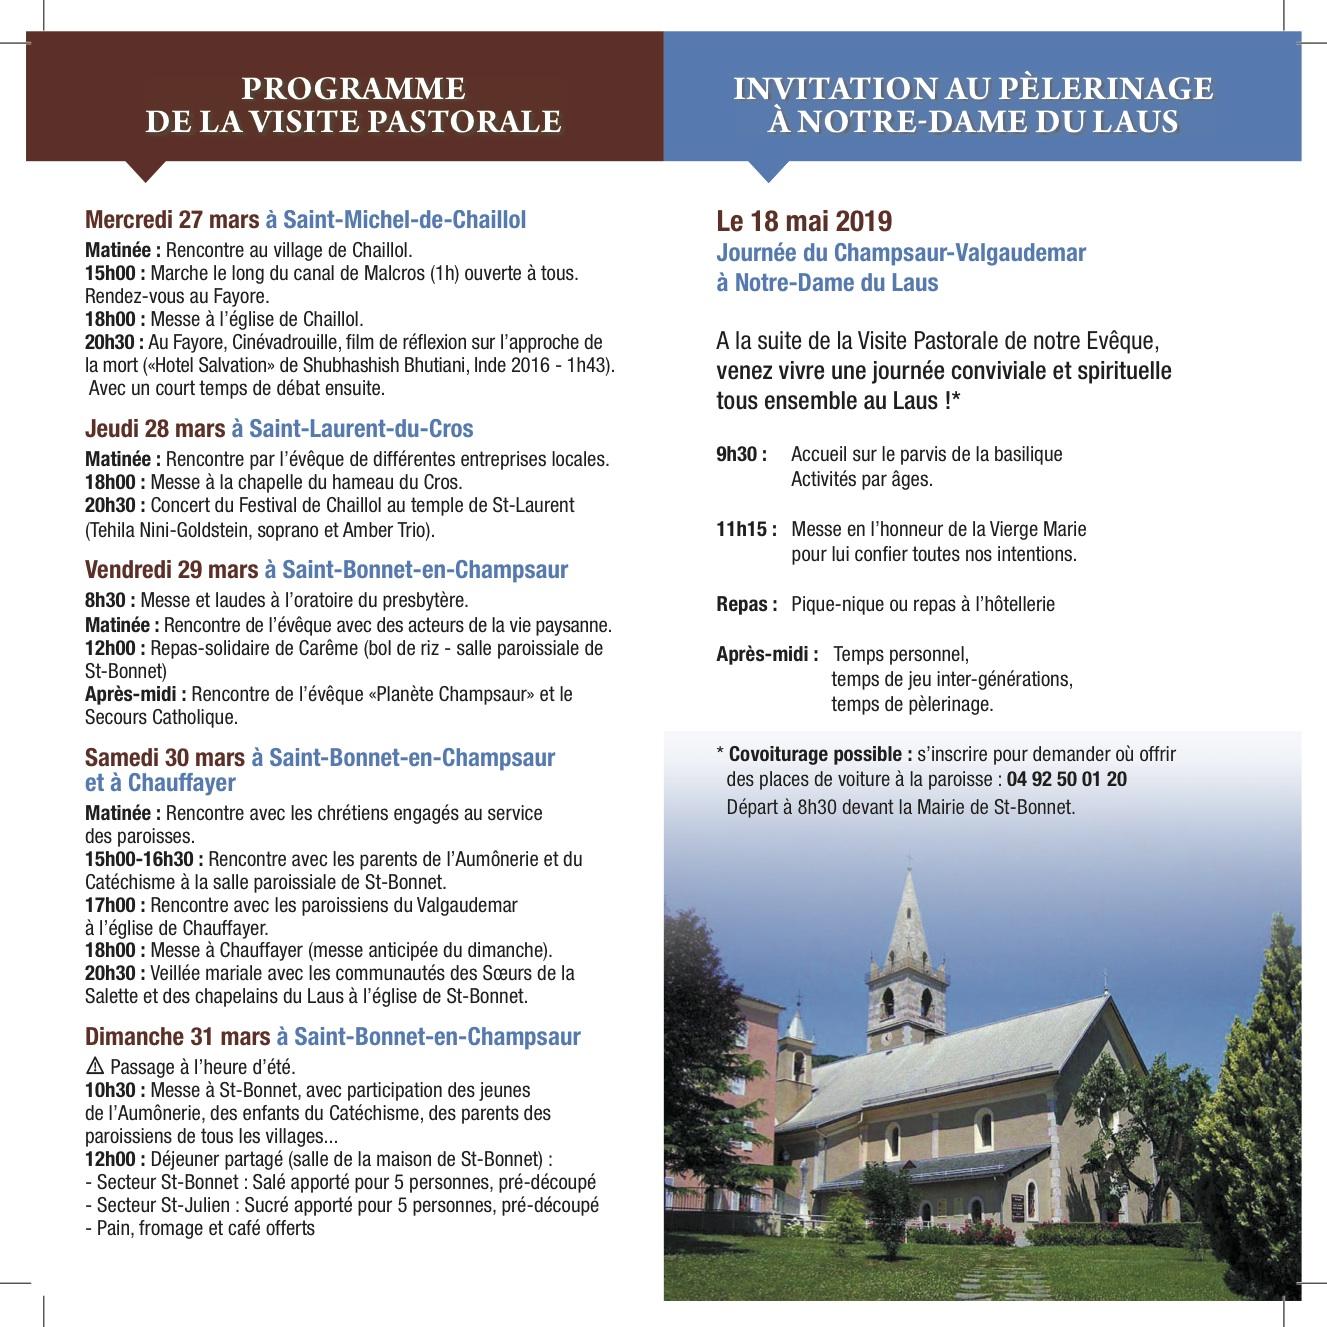 Visite pastorale: suite et fin en image !